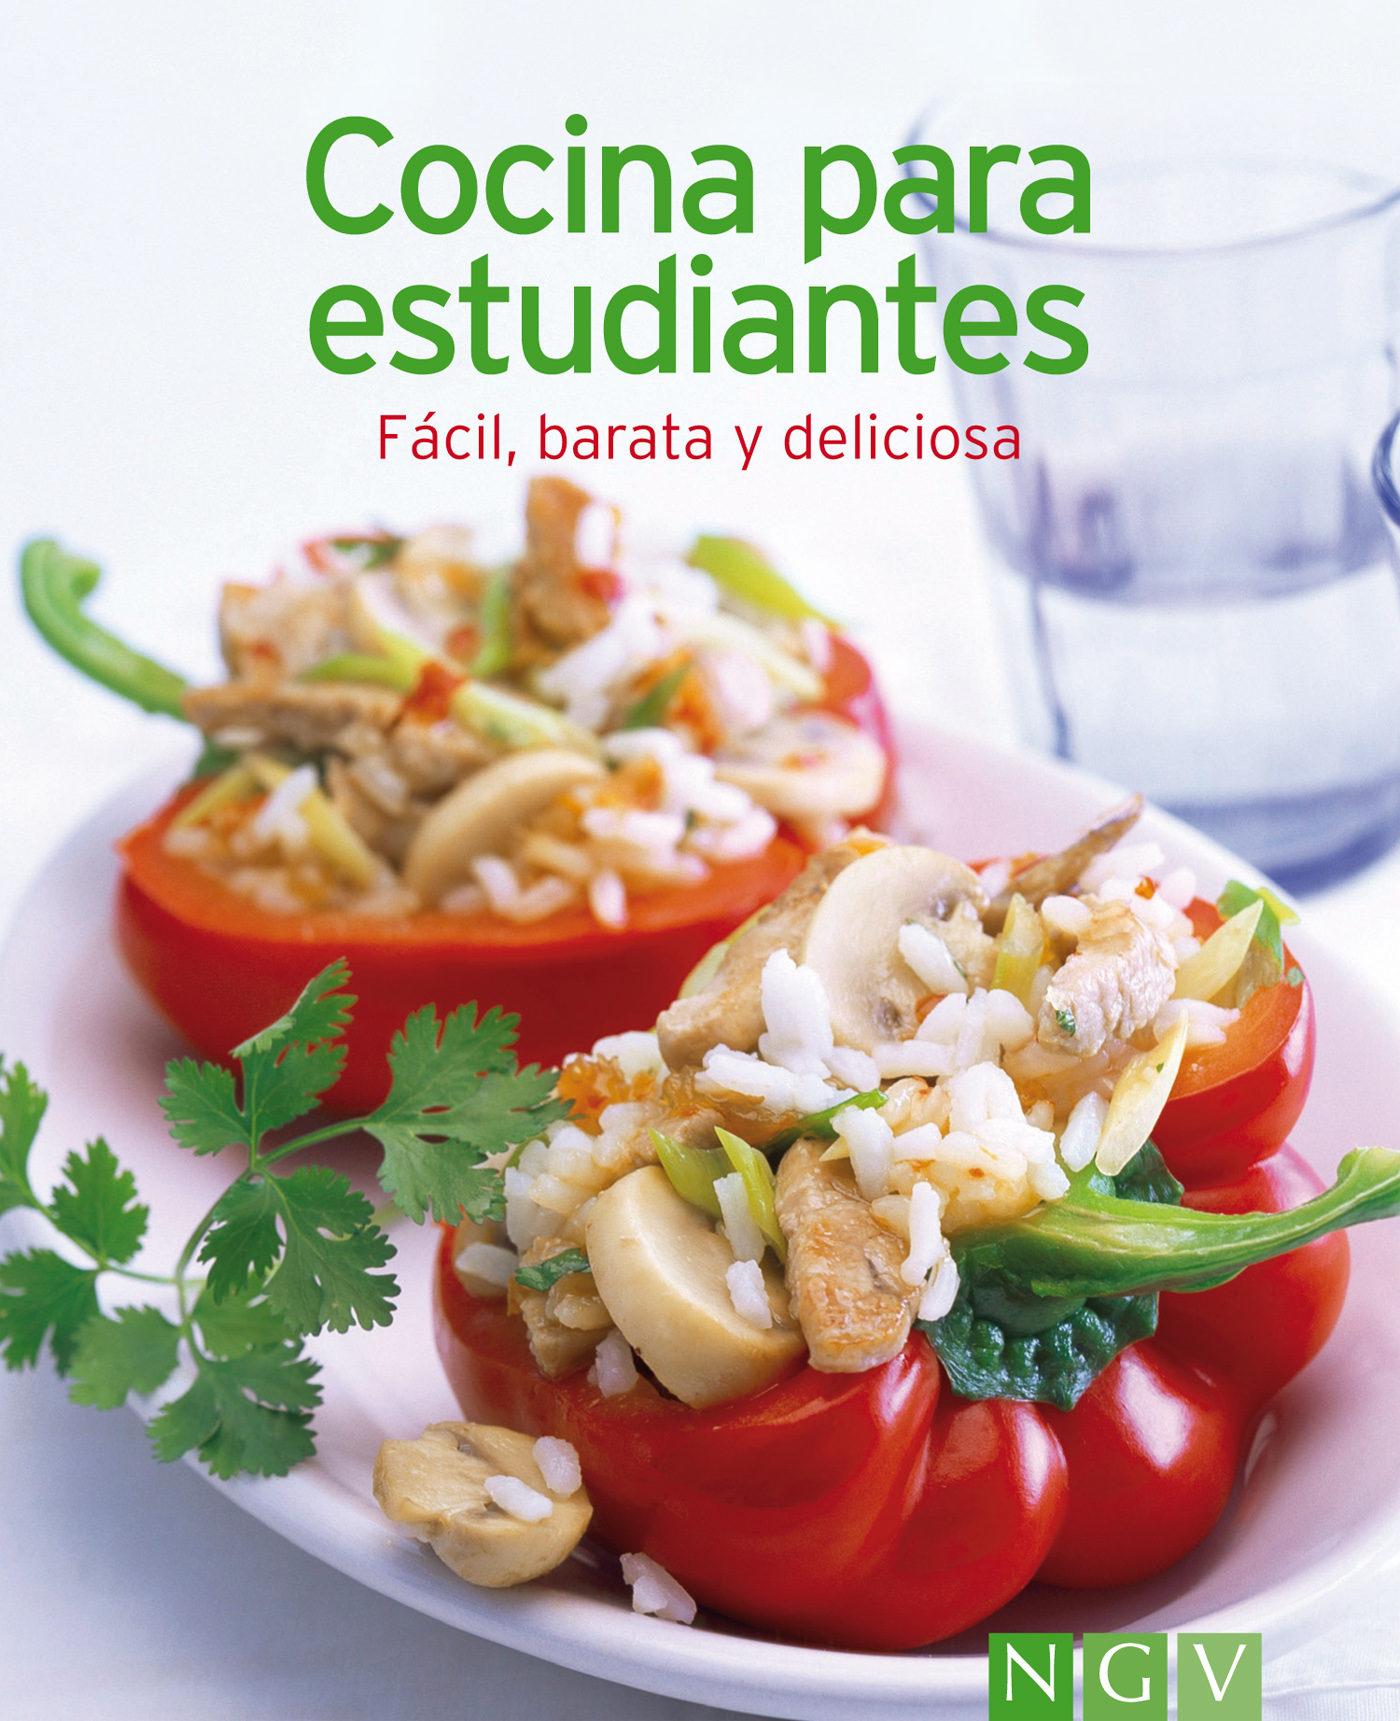 Cocina Para Estudiantes   Cocina Para Estudiantes Ebook Vv Aa Descargar Libro Pdf O Epub